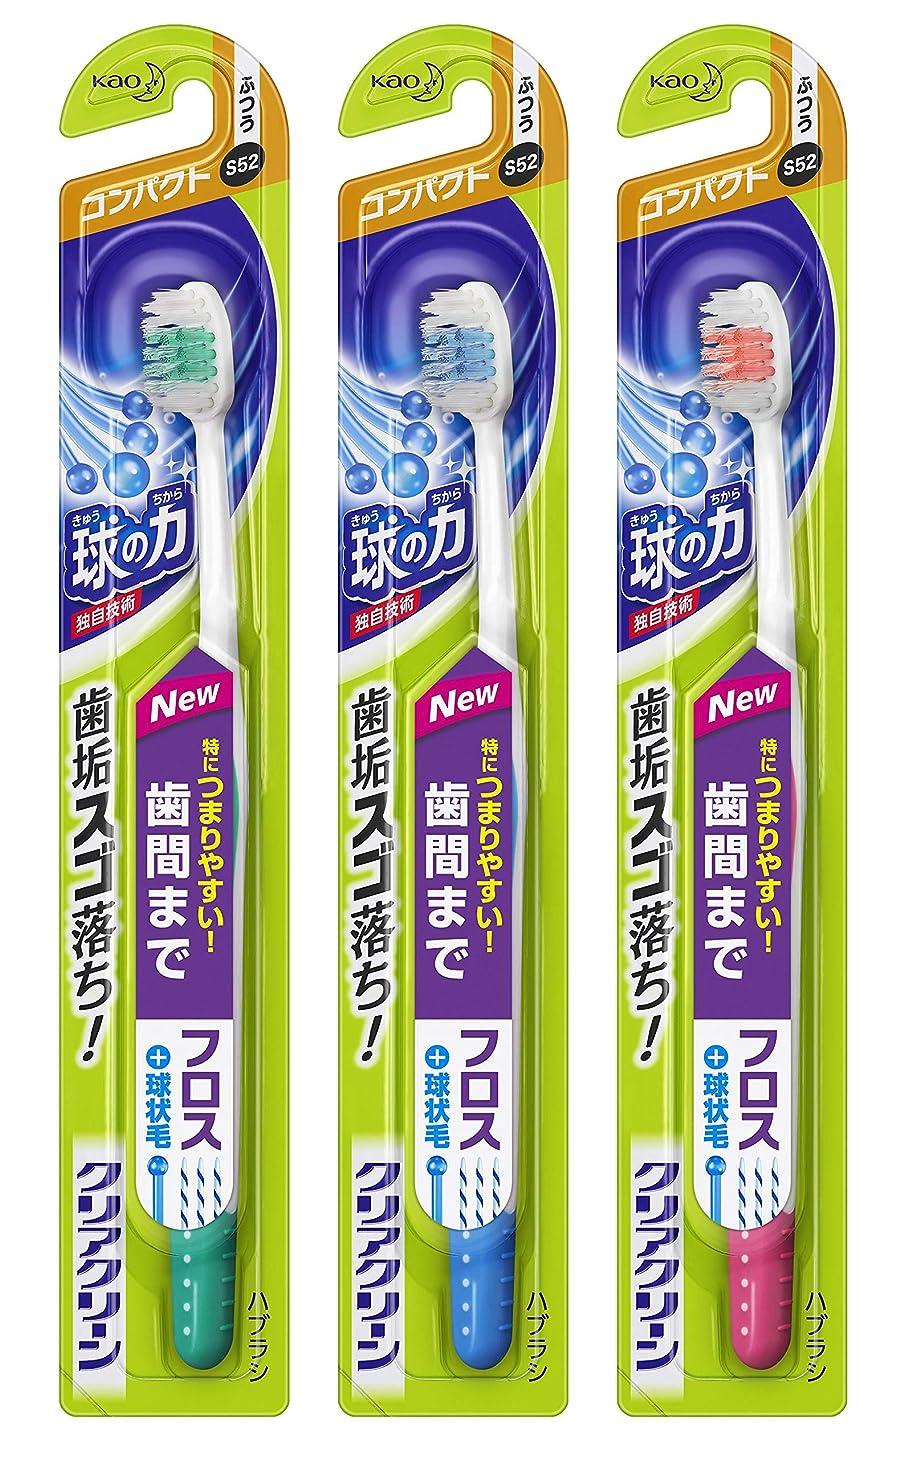 幸運な乞食磁器【まとめ買い】クリアクリーン 歯間プラス コンパクト ふつう 3本セット(※色は選べません)